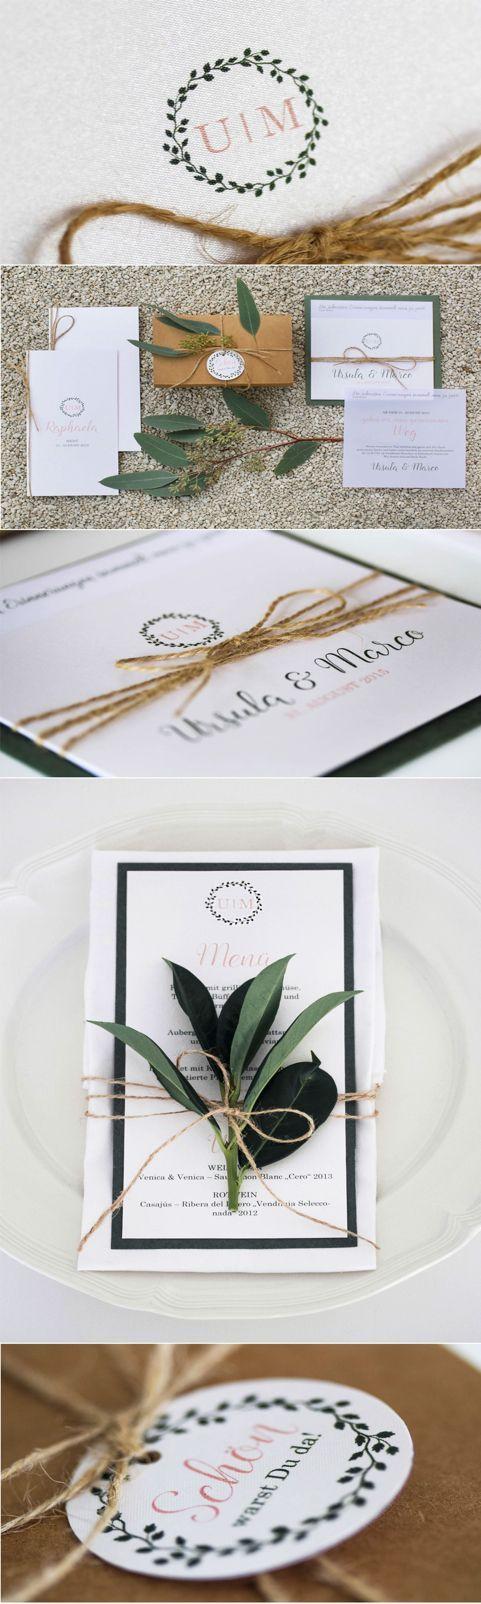 Hochzeitseinladung Natürlich Elegant   Wedding Invitation Natural And  Elegant